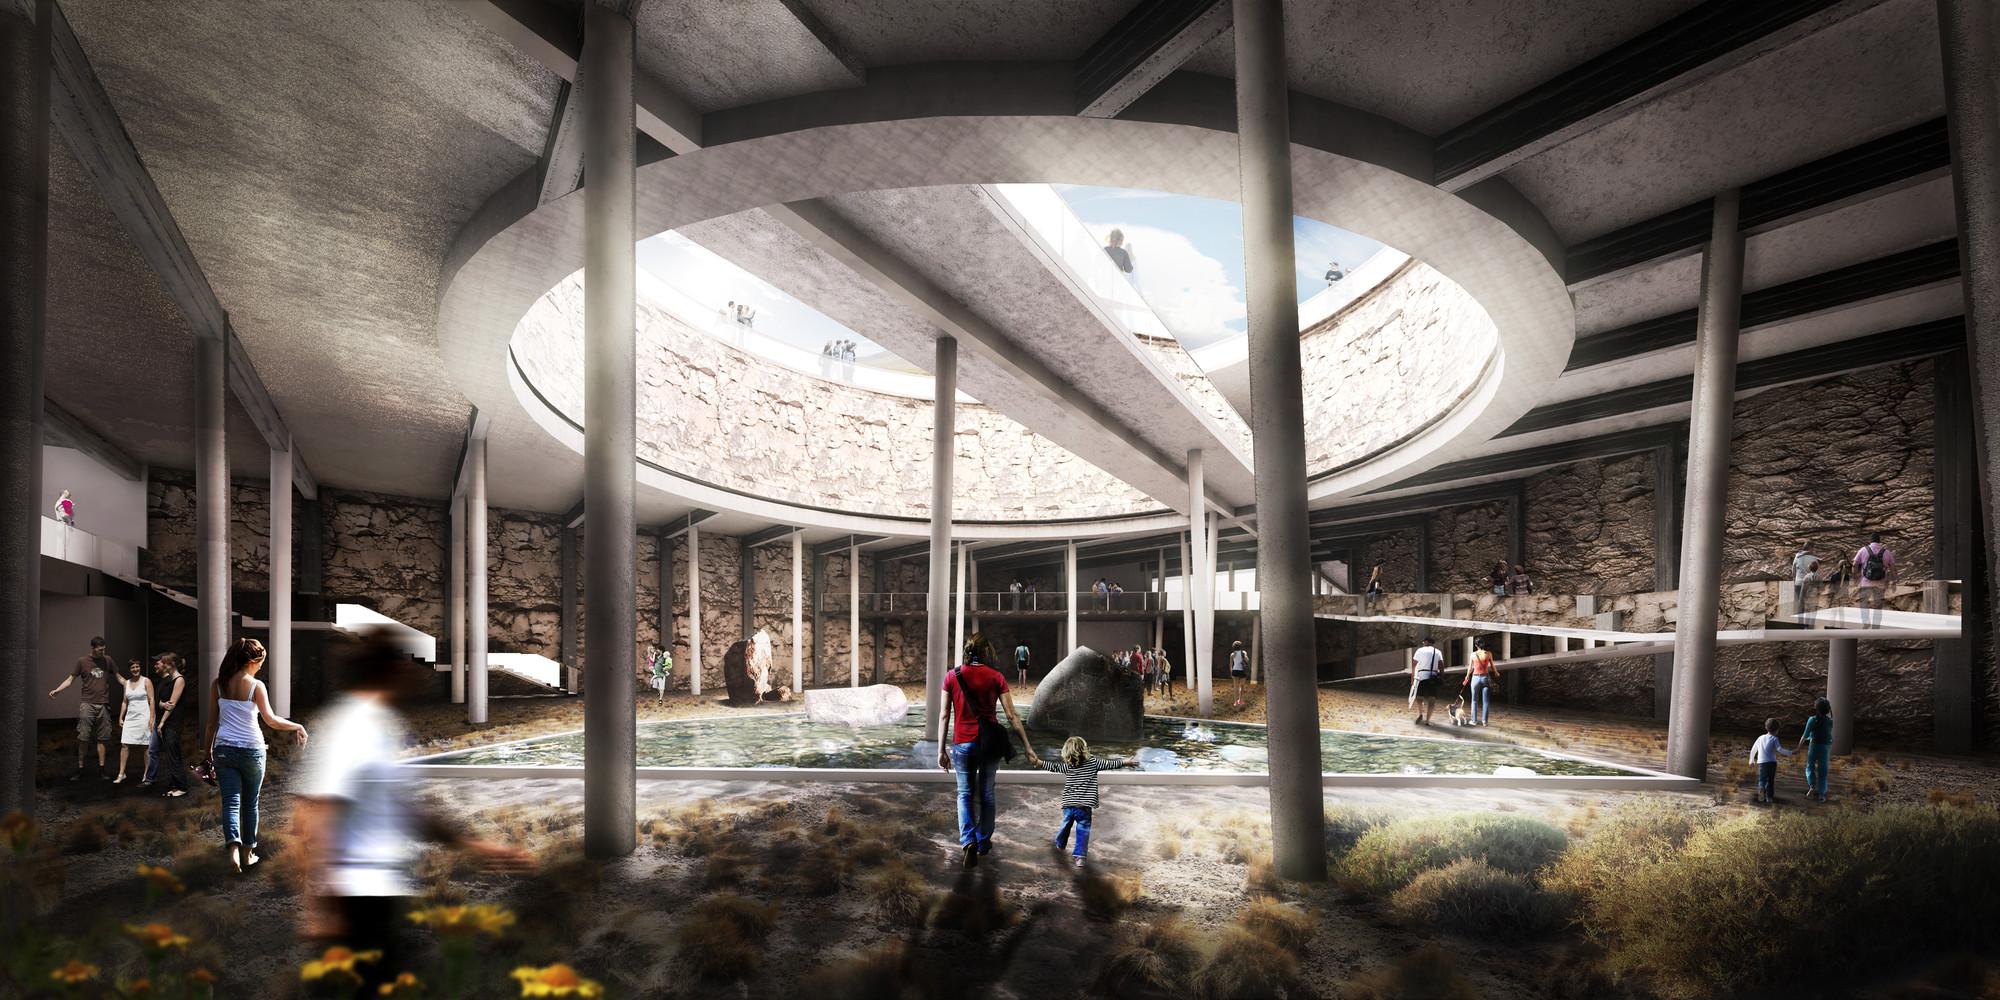 Jardín Botánico de Calama, Primer Lugar en Concurso de Arquitectura Subterránea CTES 2014 / Chile, Cortesia de Leonardo Quinteros y Luis Pérez Huenupi